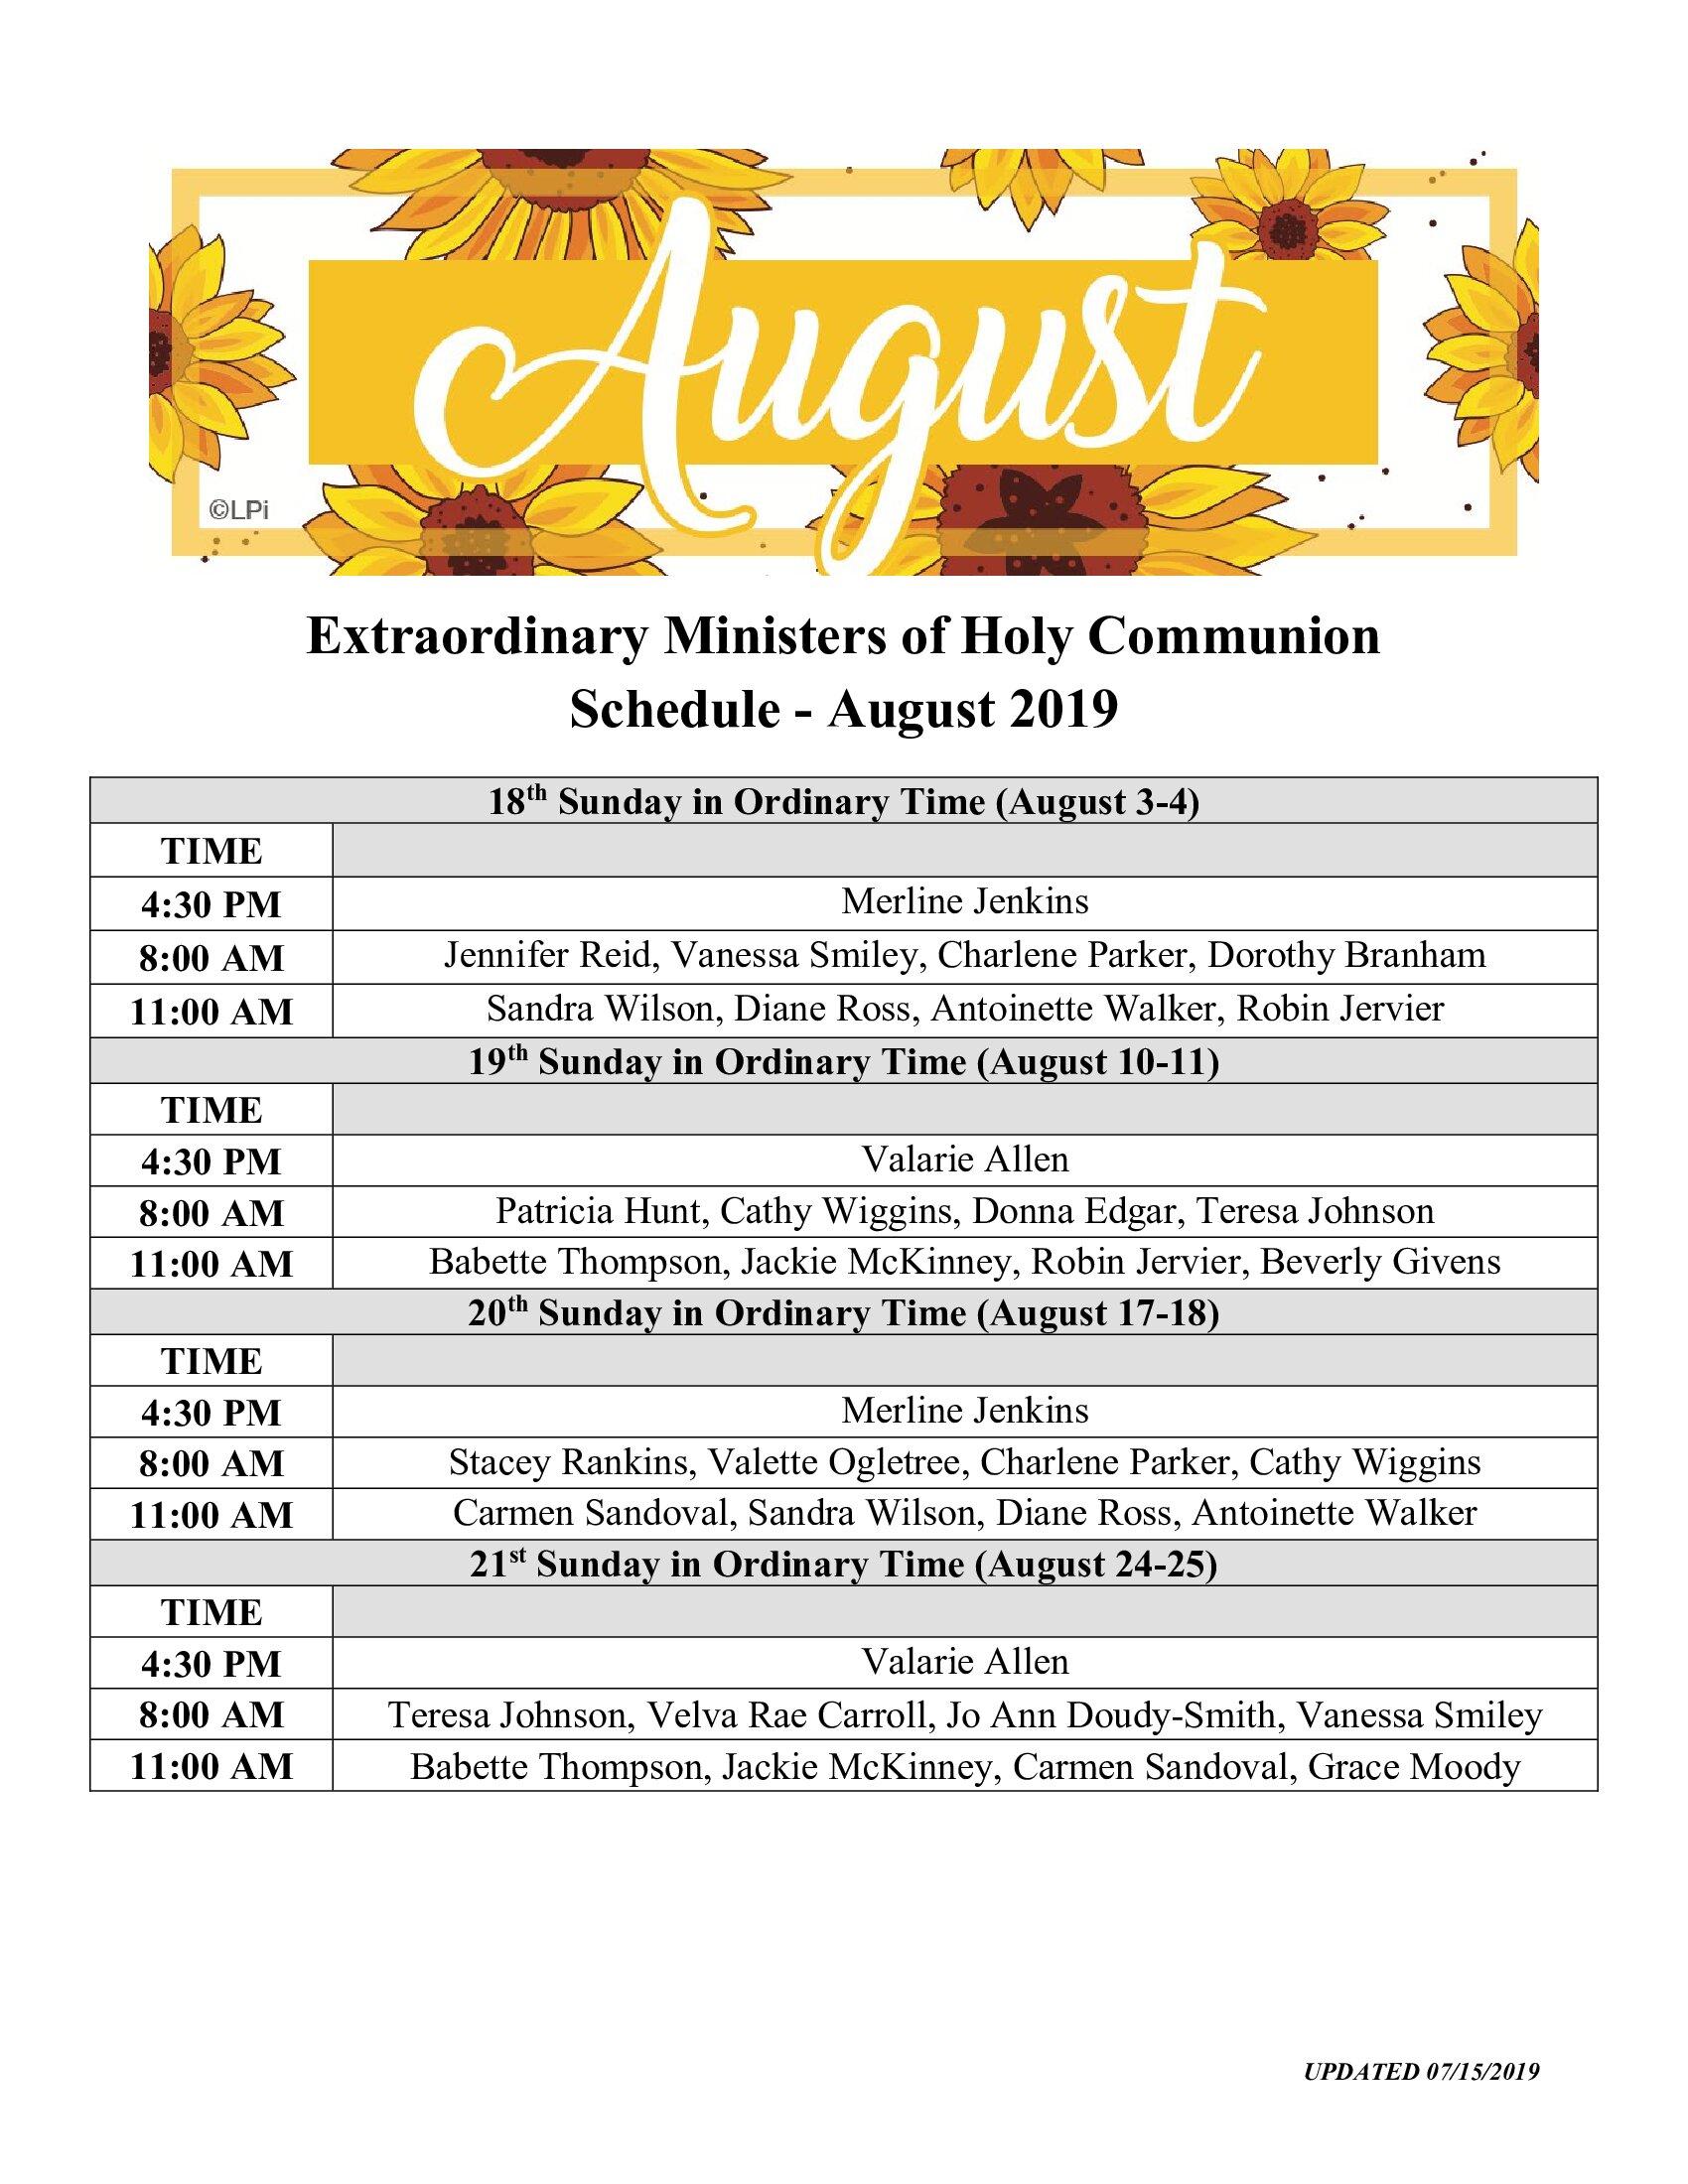 August 2019 Schedule.jpg